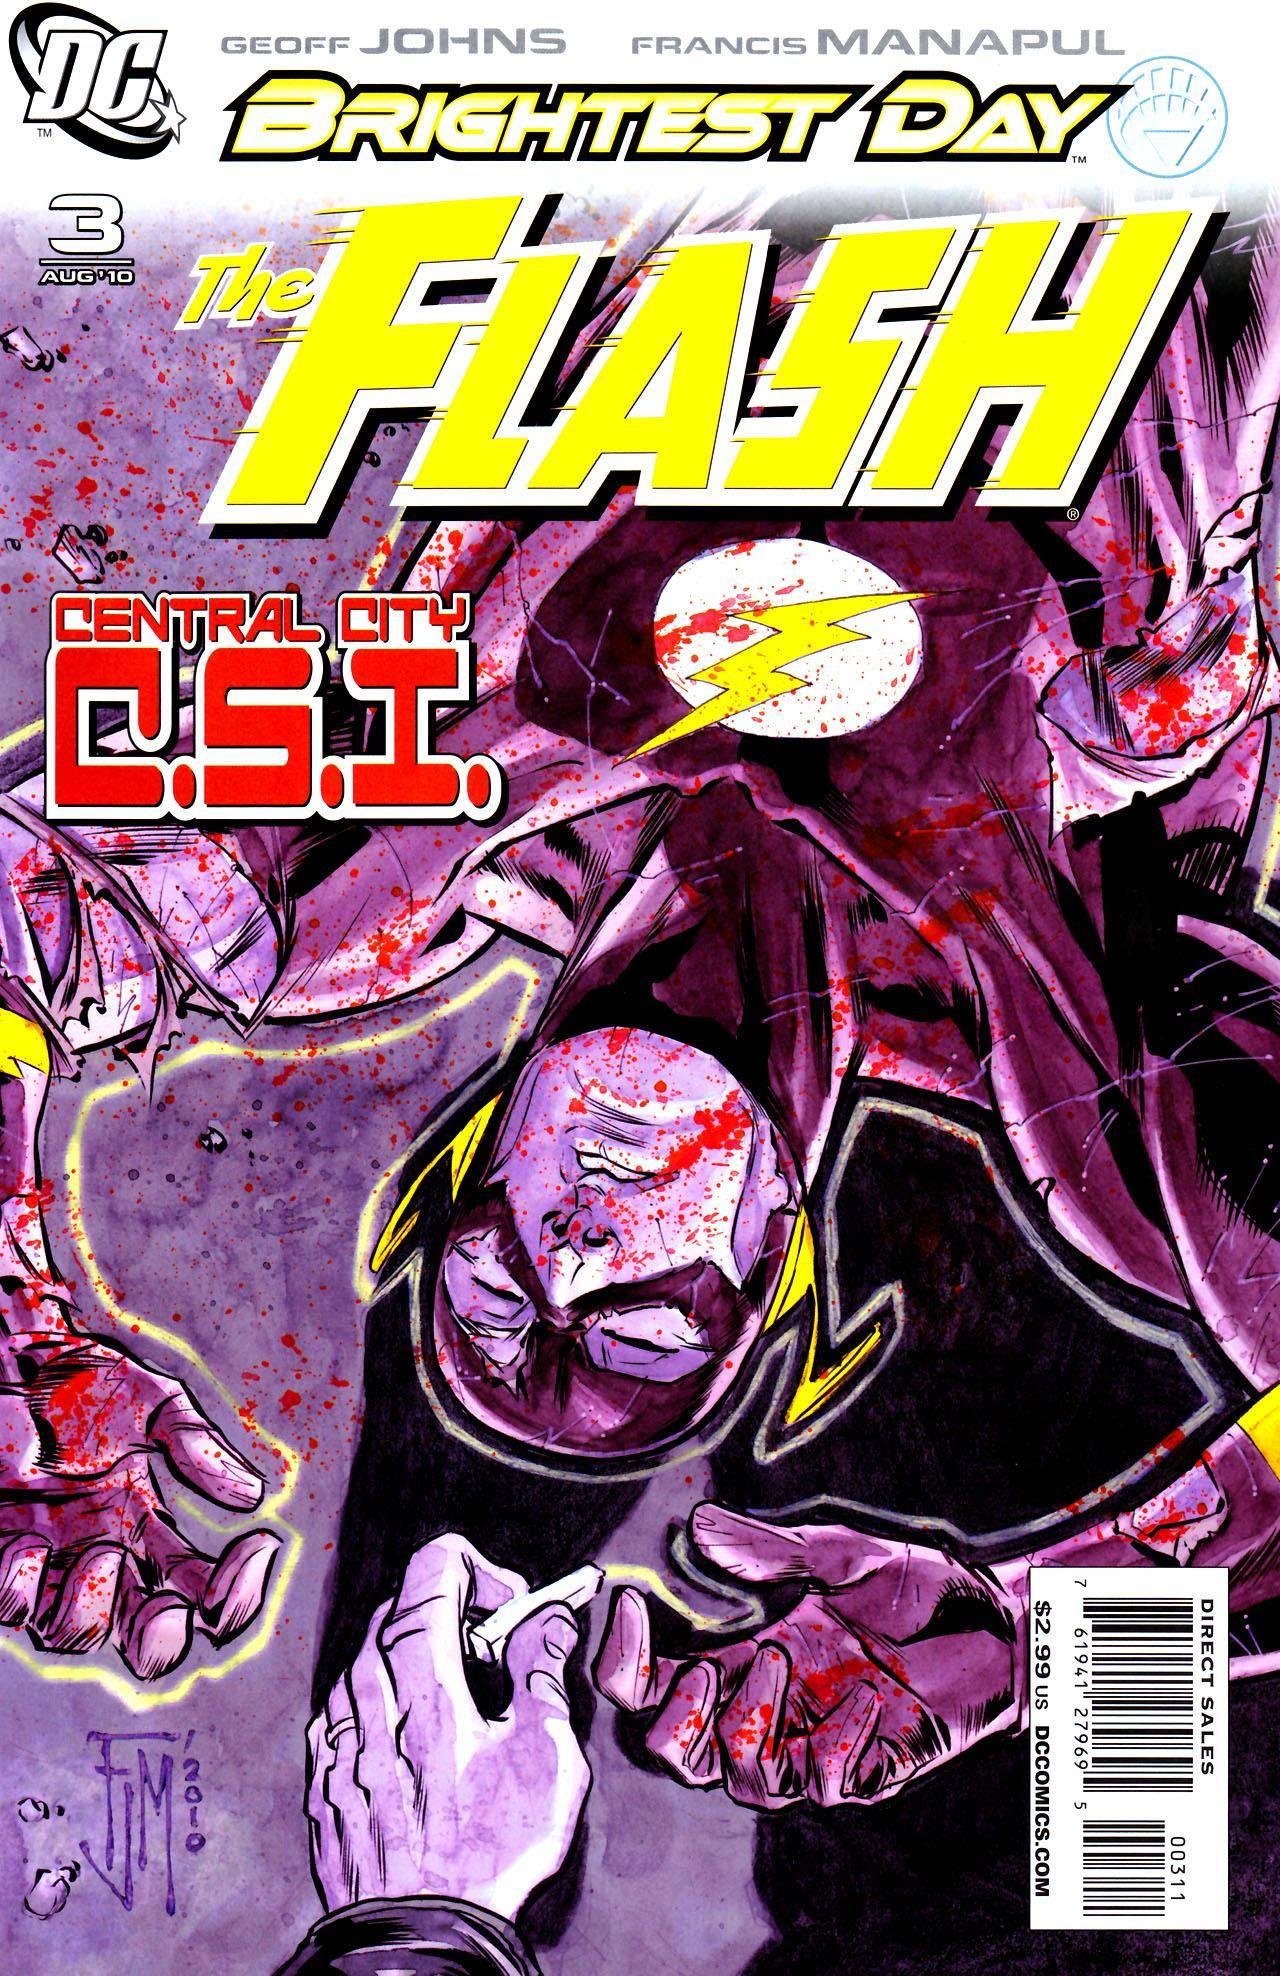 Flash 2009-OYATM 22 of 51Flash 2010-08 003